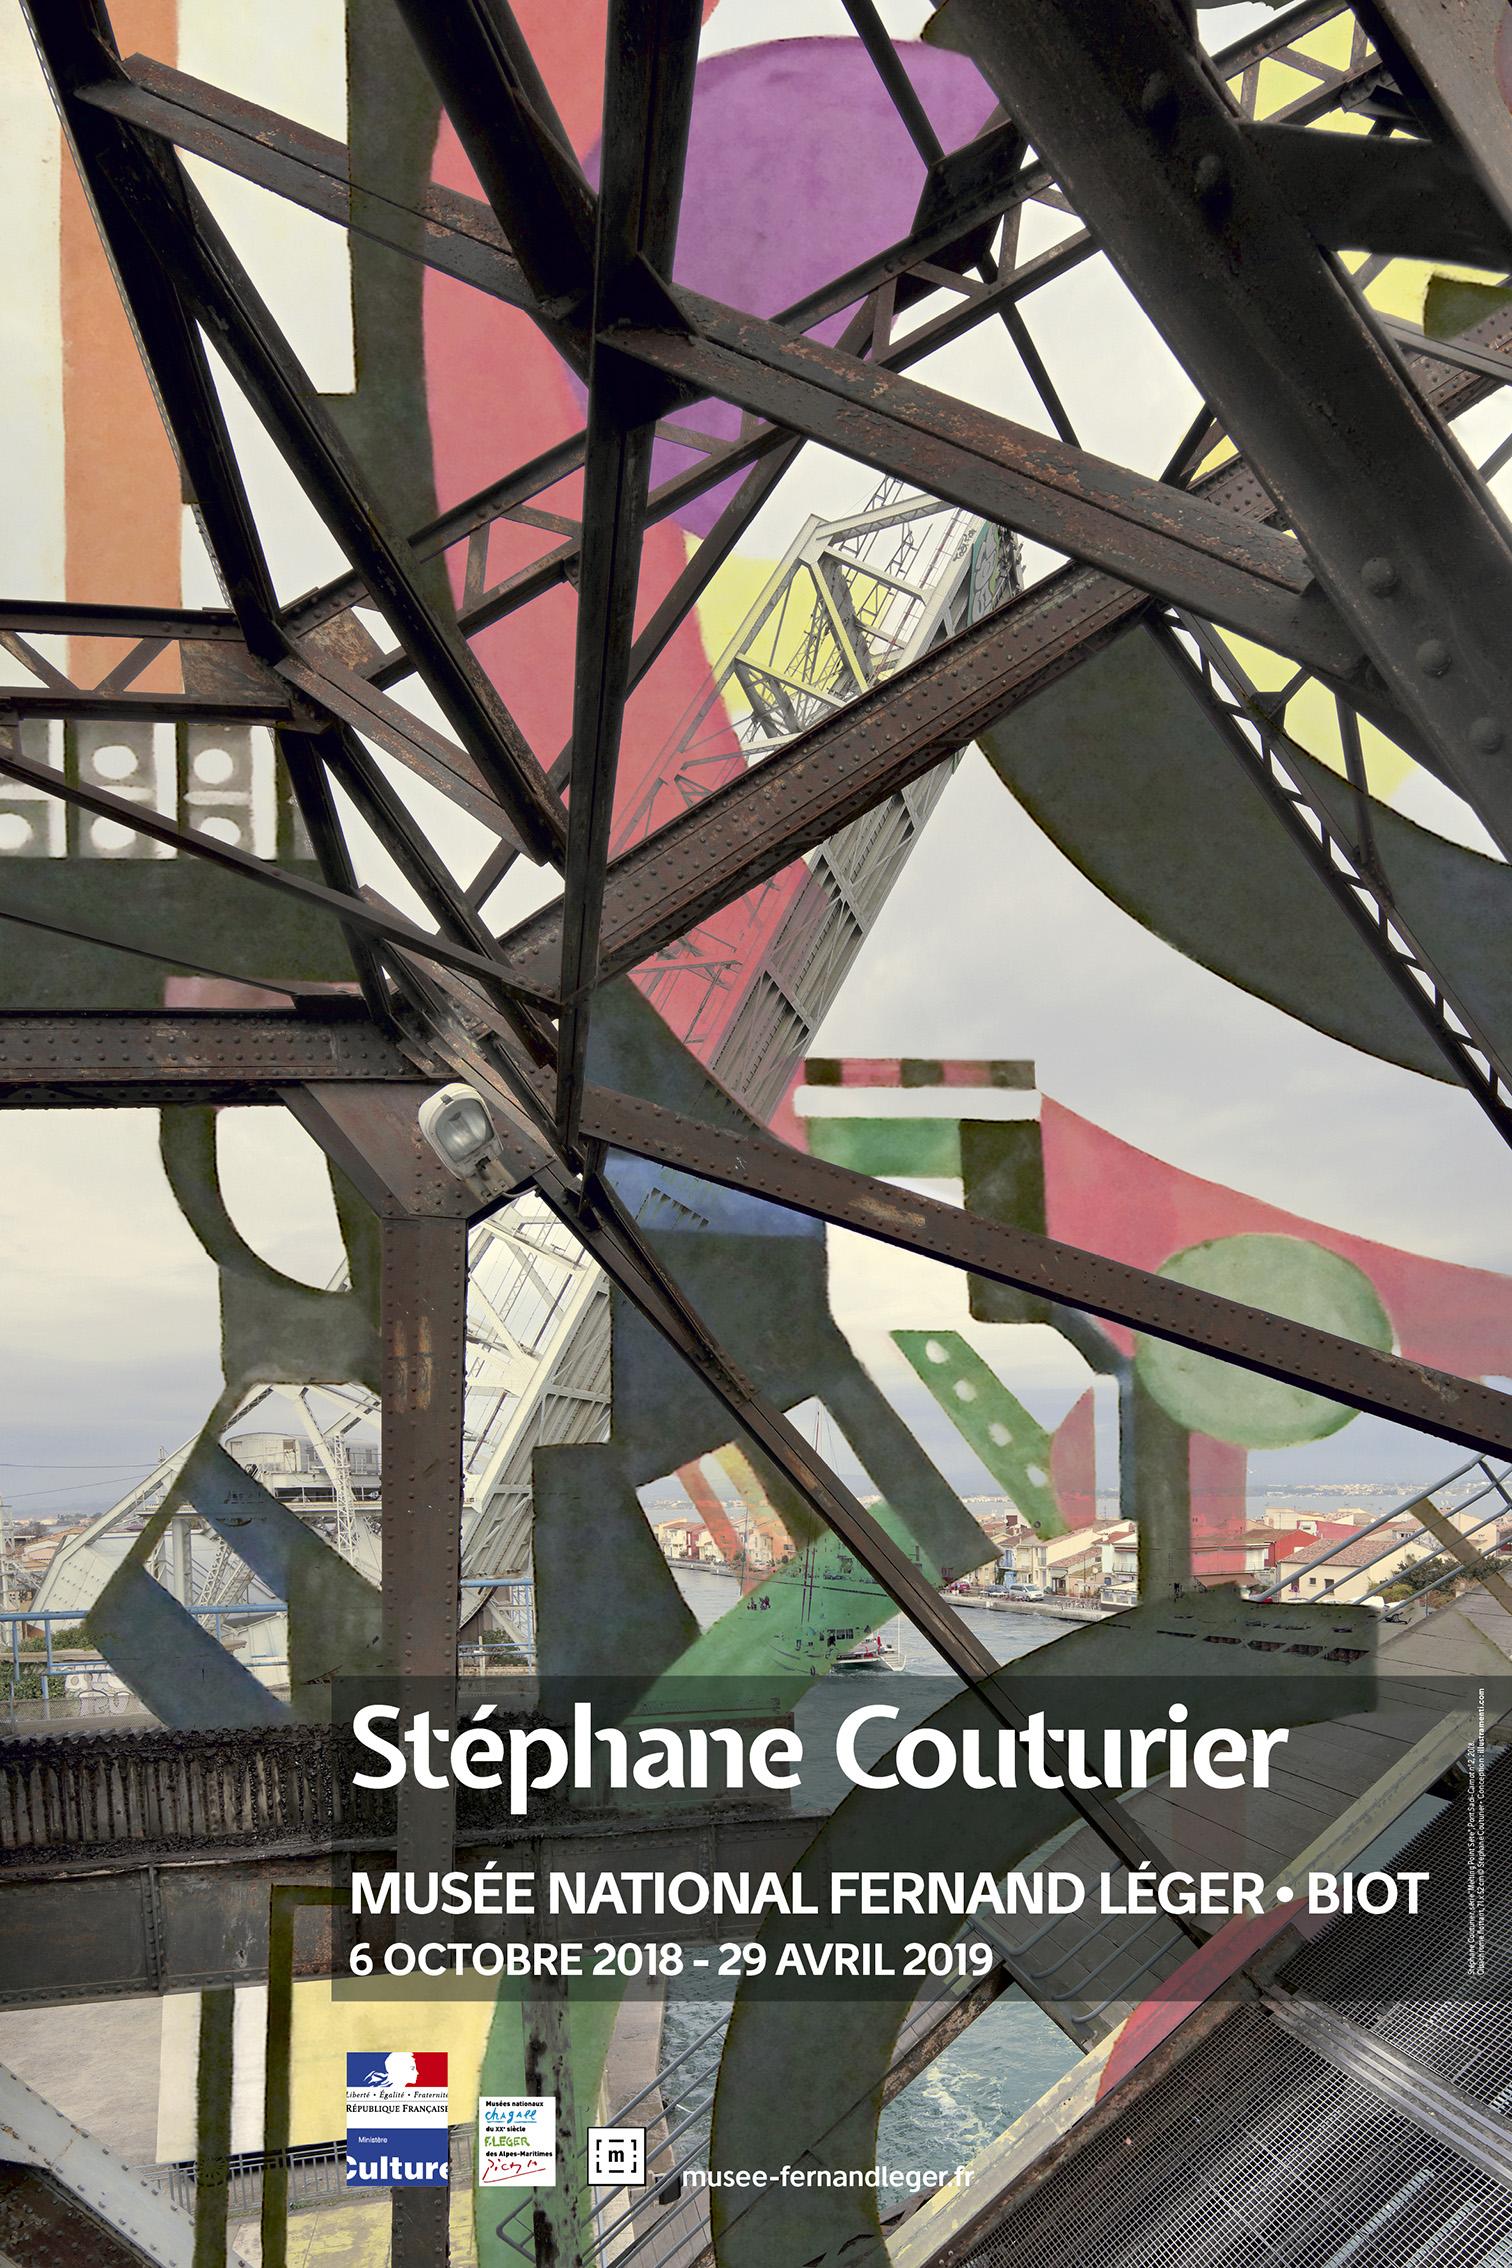 Stephane Couturier, Musée Fernand Léger, Biot